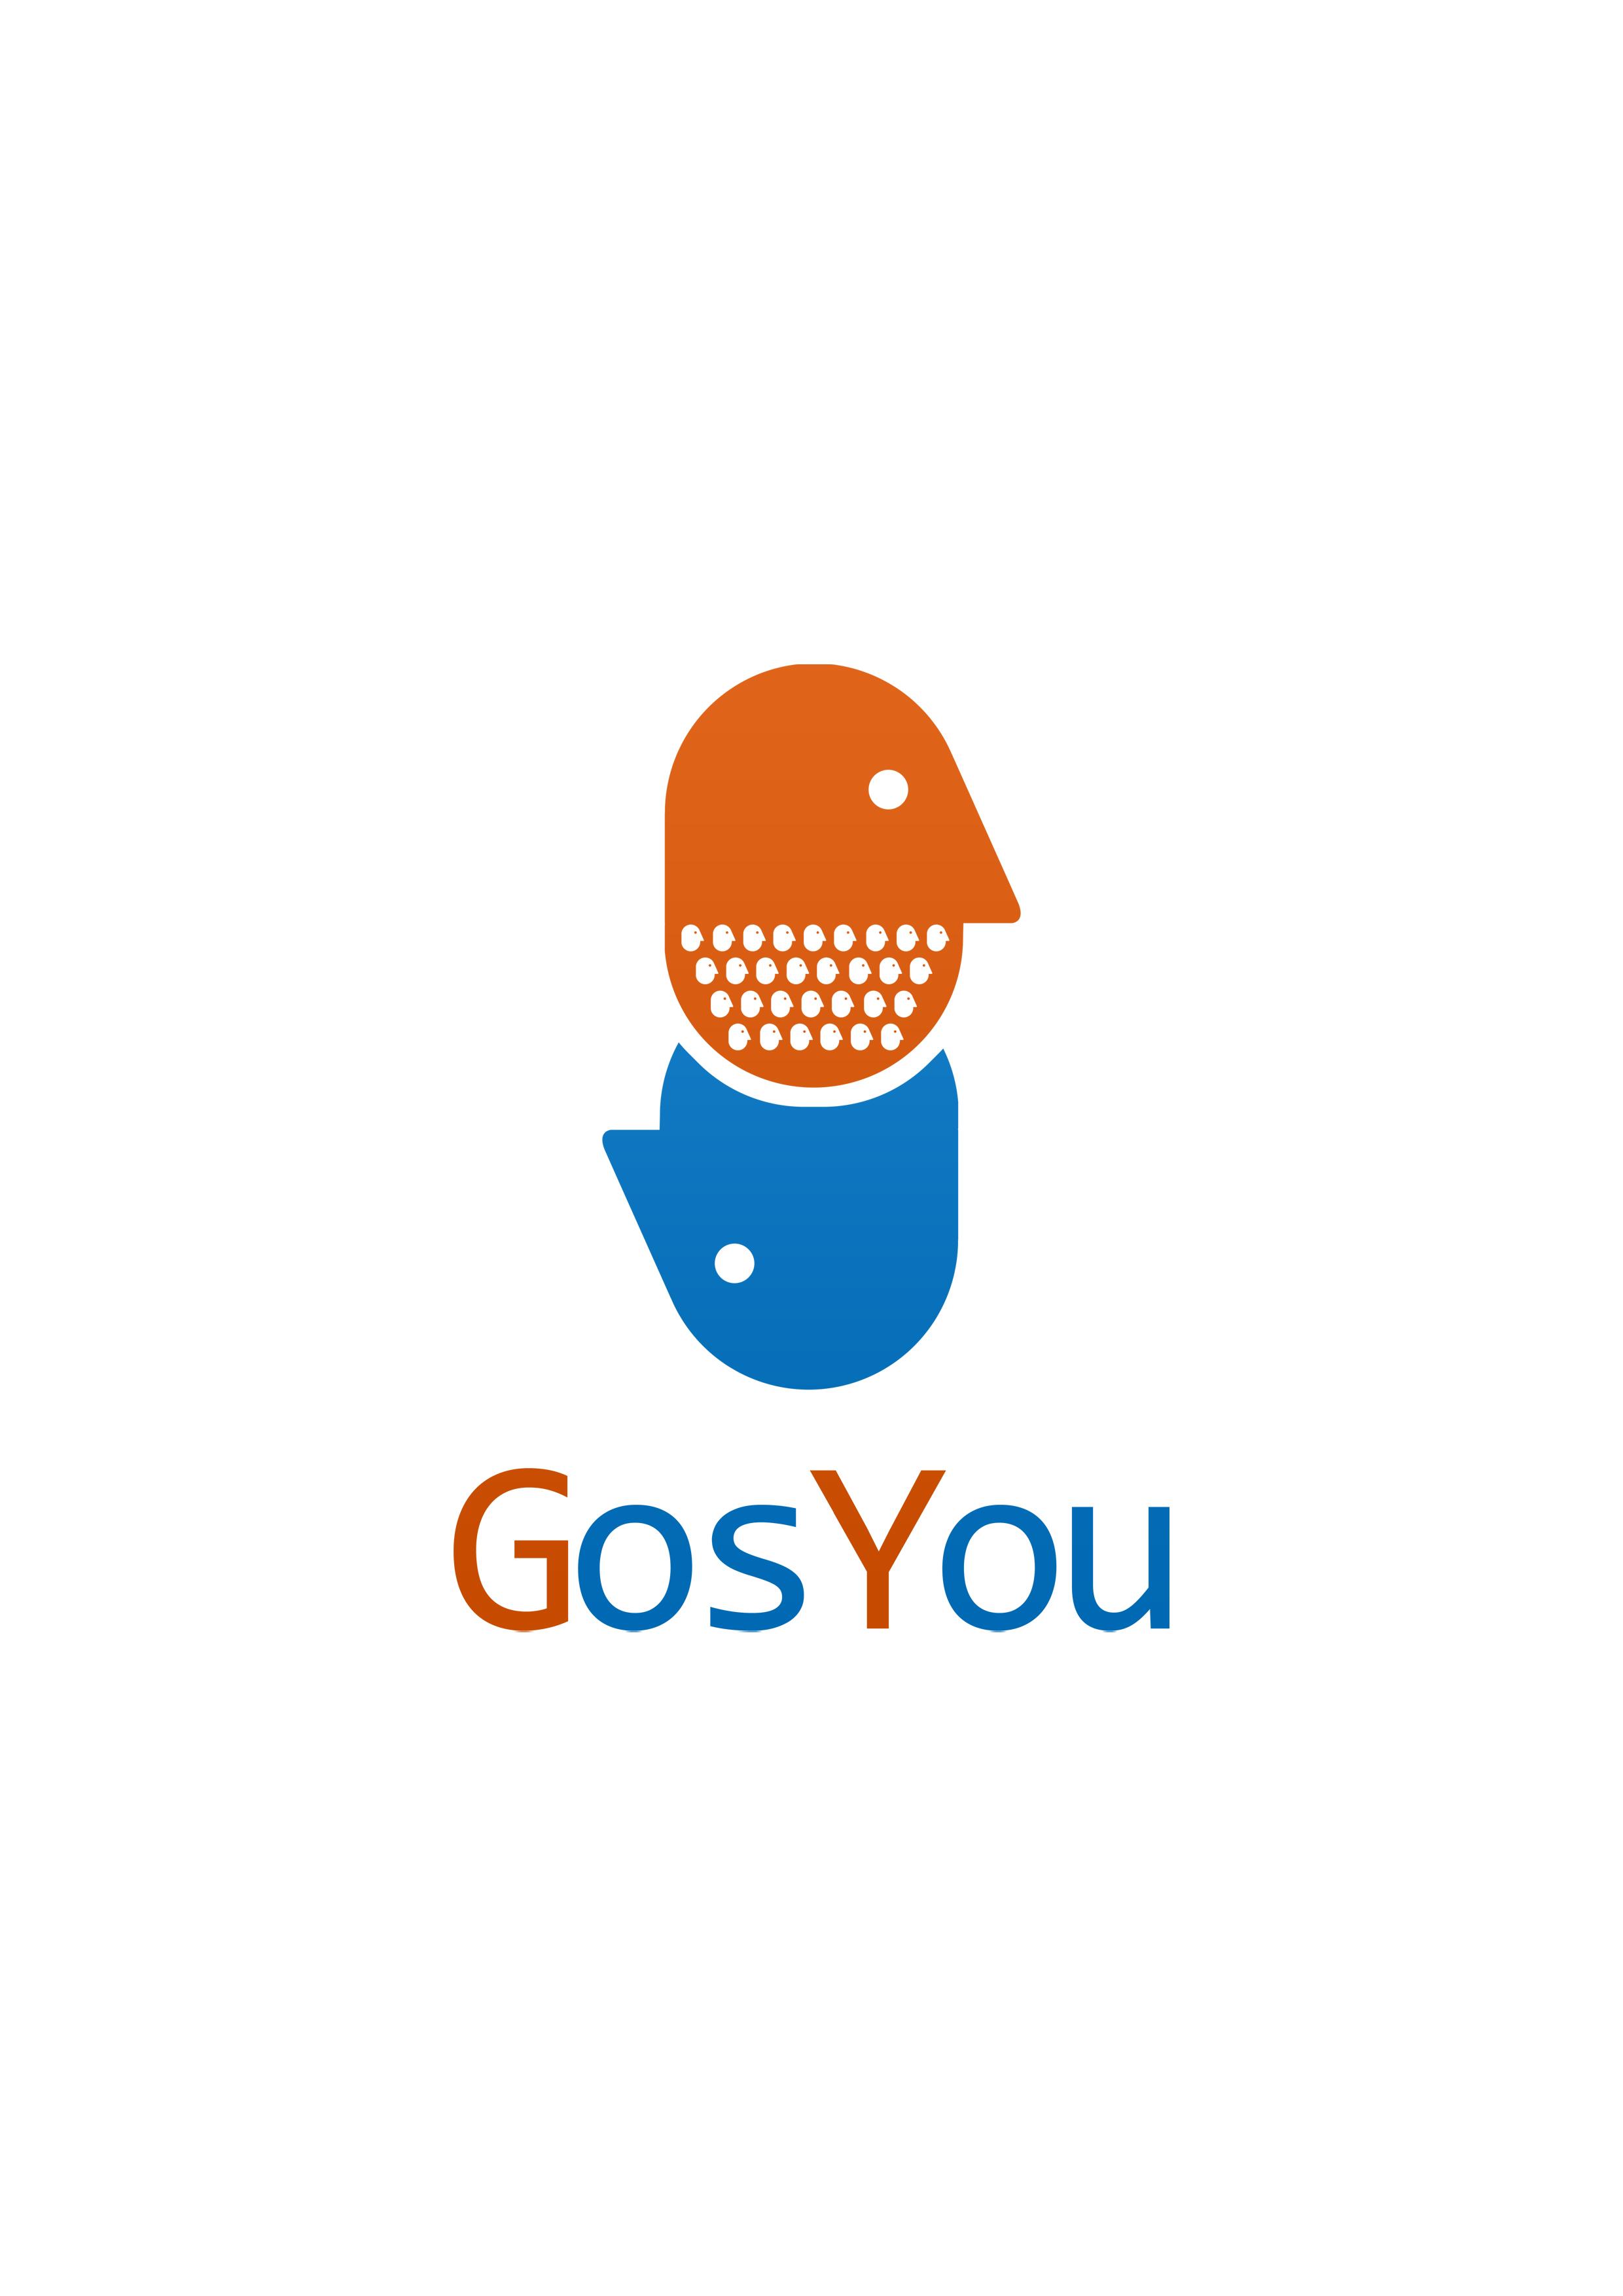 Логотип, фир. стиль и иконку для социальной сети GosYou фото f_507b89ba23acd.jpg